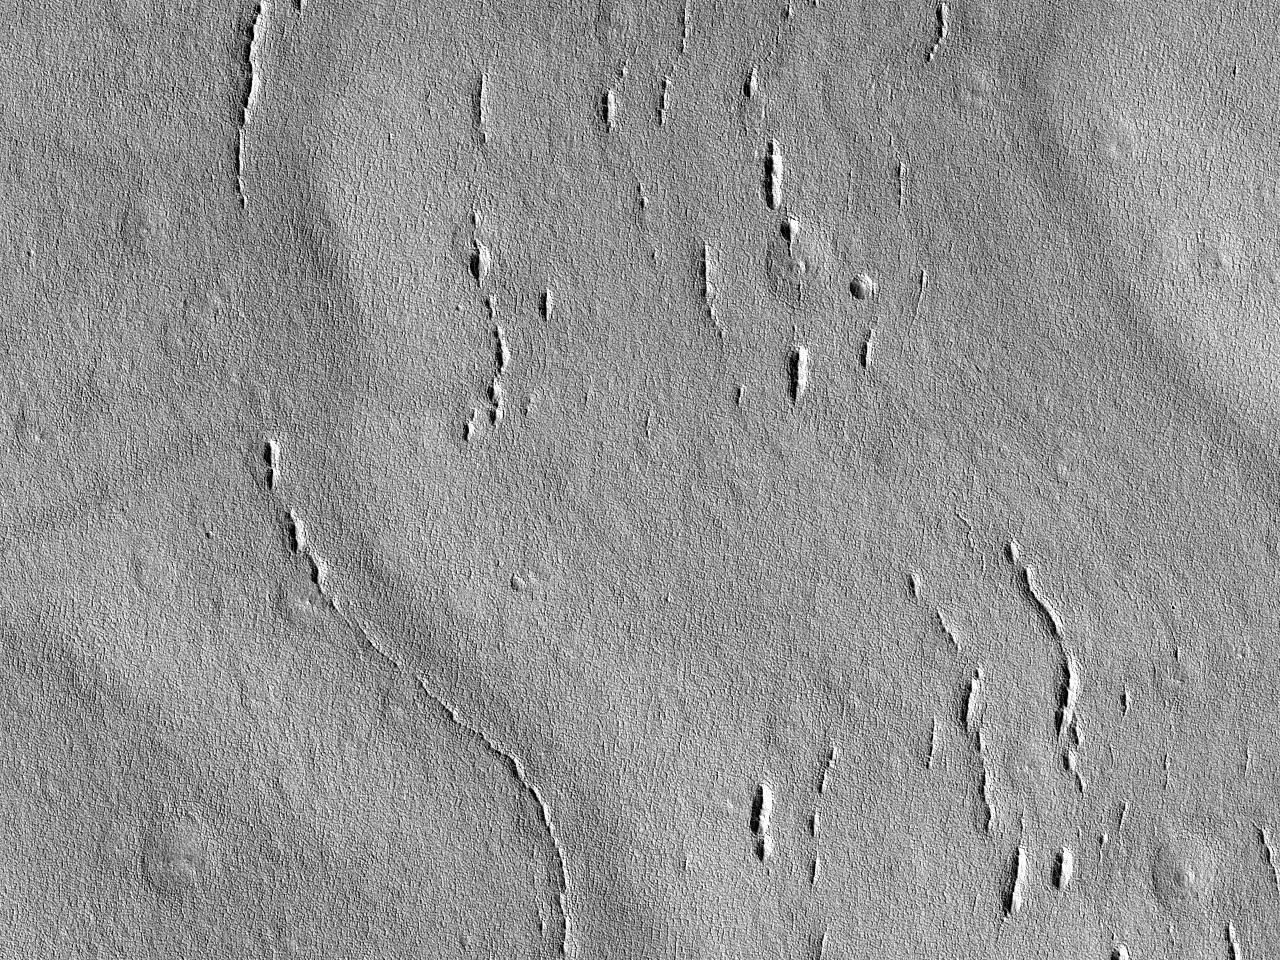 فوهة بحافة خالية من التضاريس، وارتفاعات متراكزة في منخفضات اركاديا (Arcadia Planitia)